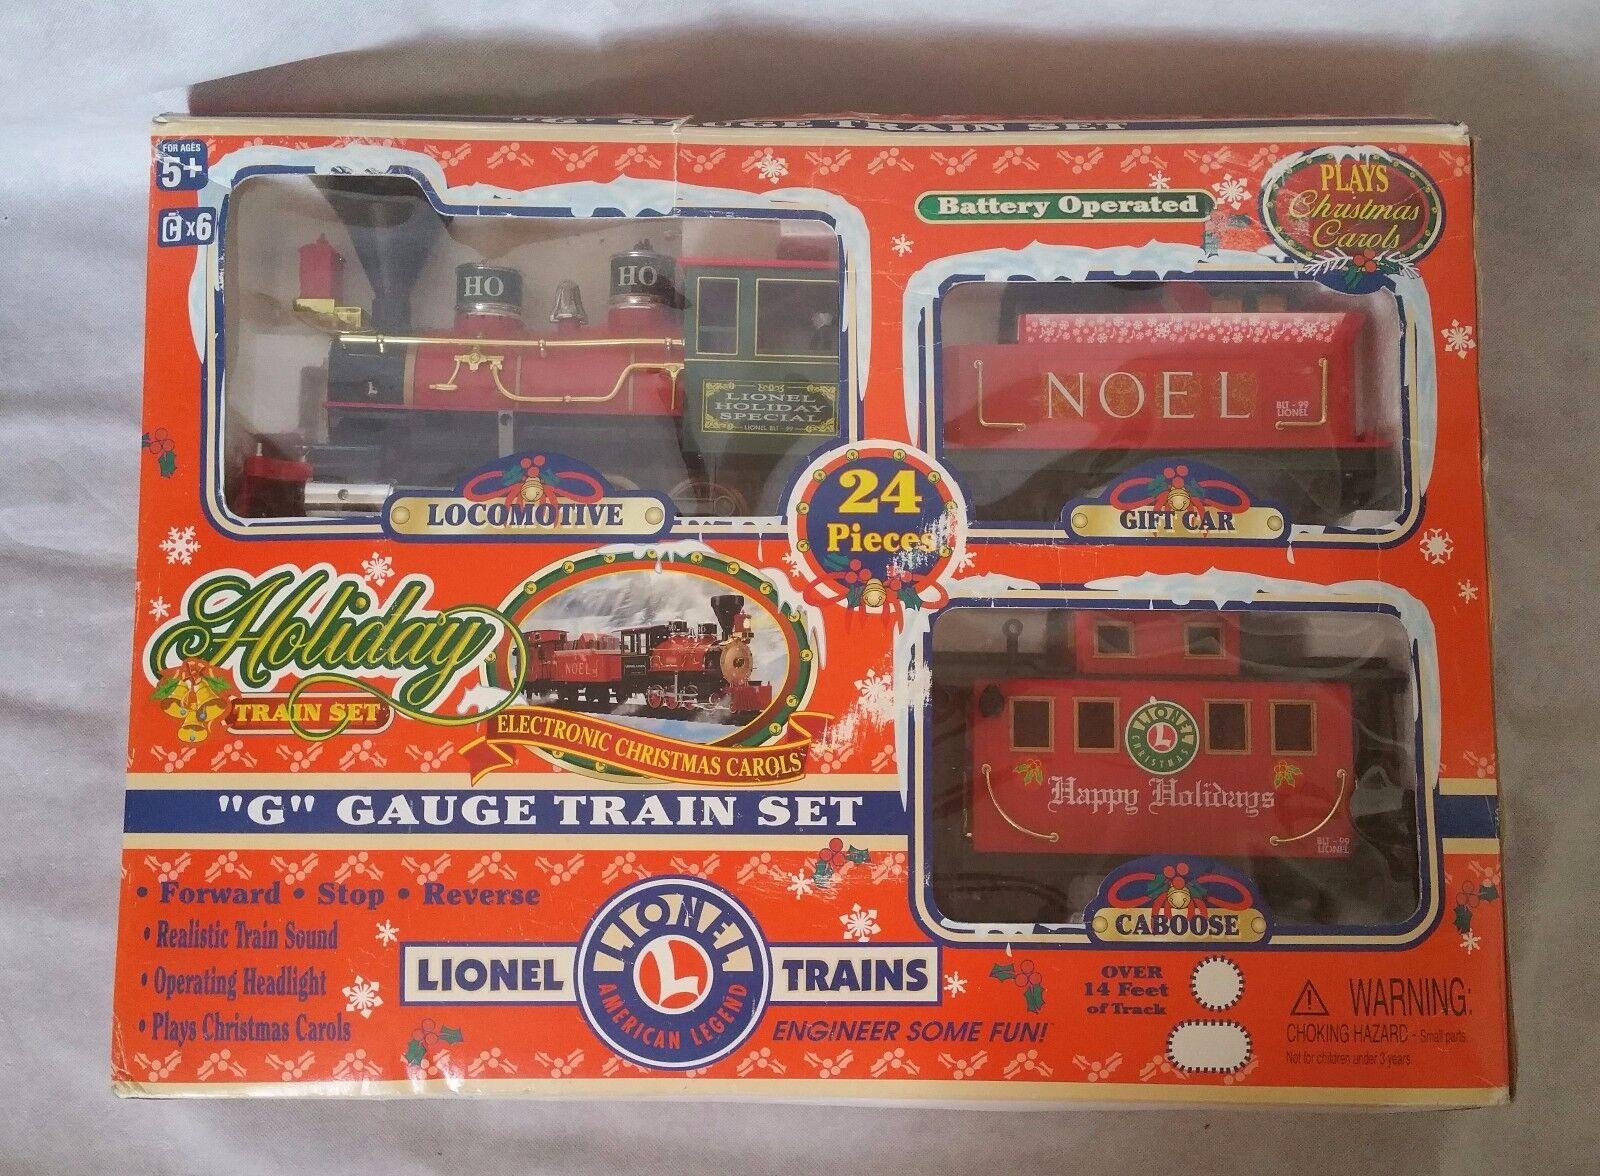 Lionel G Gauge HOLIDAY TRAIN SET 62134